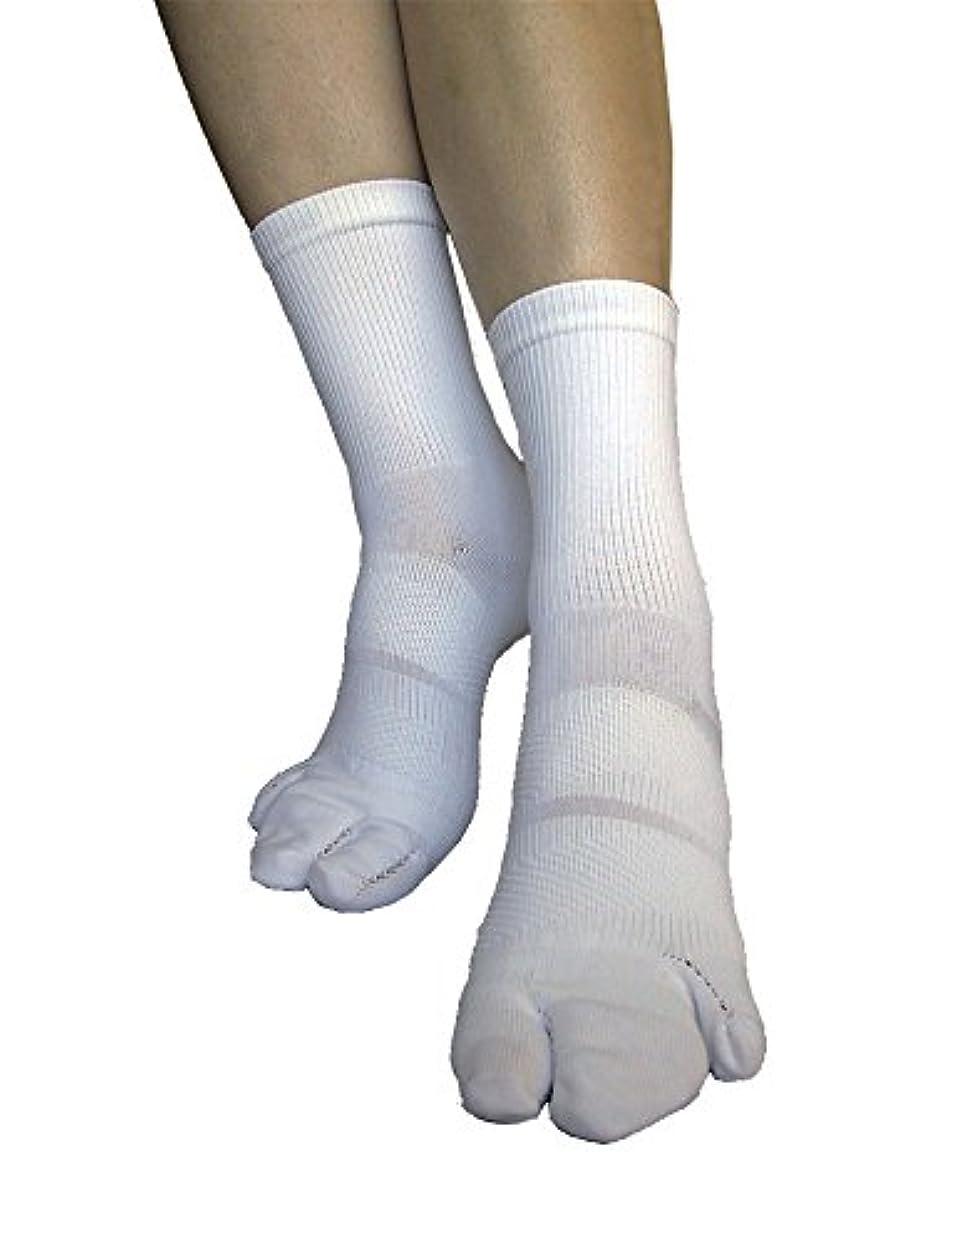 細部モールス信号橋外反母趾対策 足首ほっそーり3本指テーピング靴下 L(24-26cm)?ホワイト